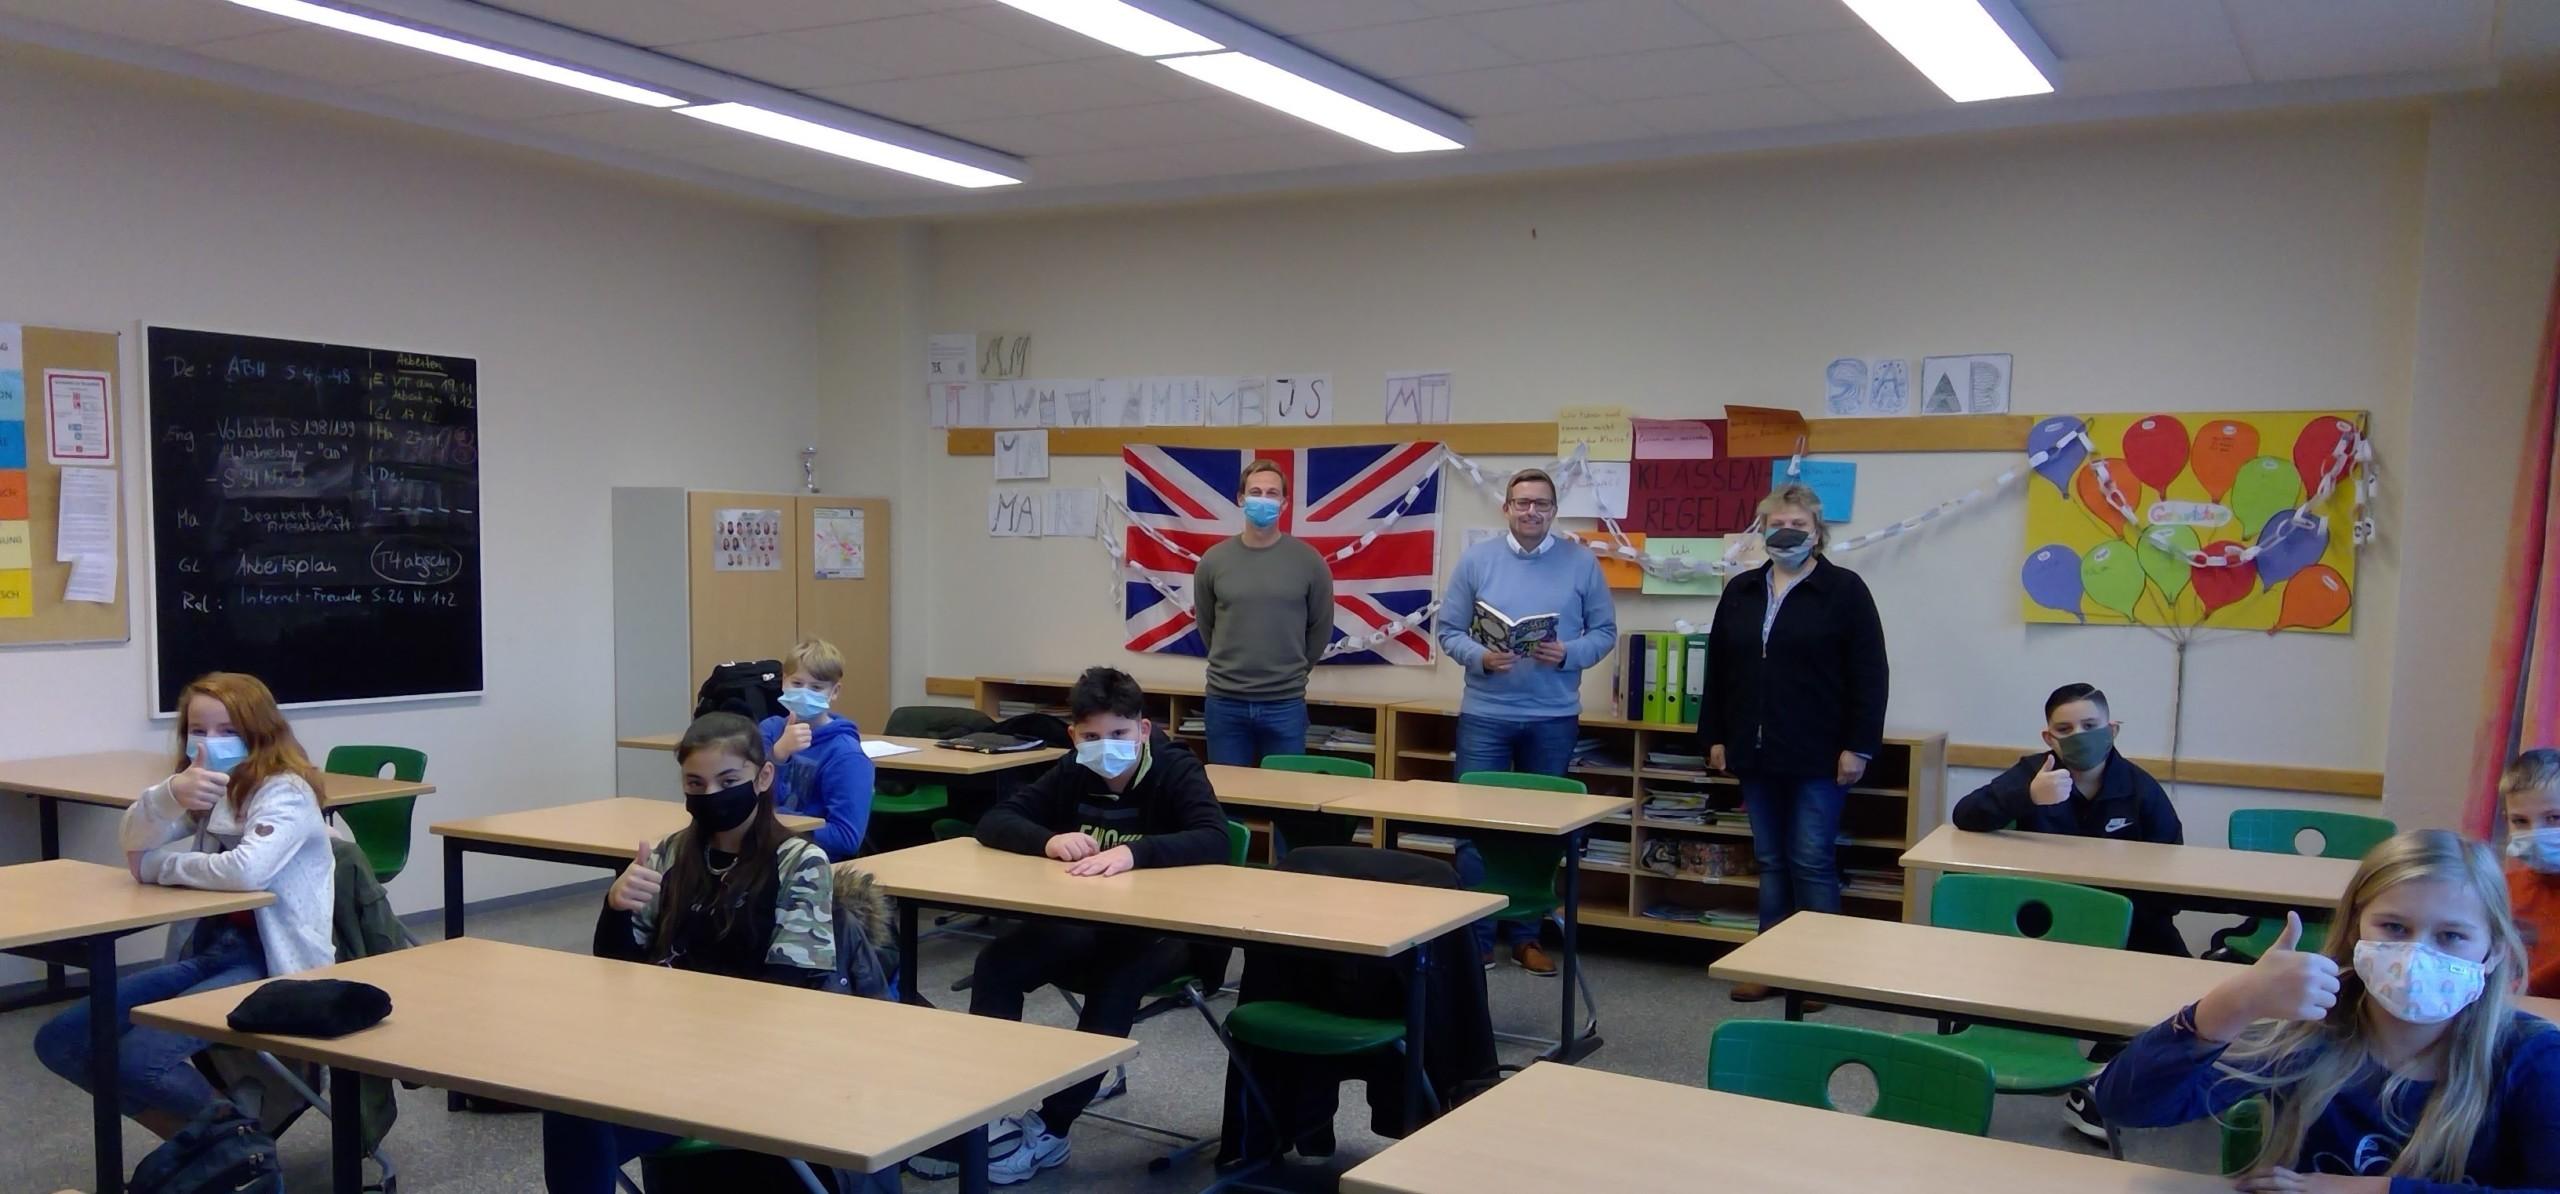 Schülerinnen und Schüler der Klassen 5 a und b mit ihren Lehrern Jesper Heer (stehend, links) und Yvonne Wild (stehend, rechts) sowie Bürgermeister Nils Anhuth. Bild: Ellen Sandmann/IGS Barßel